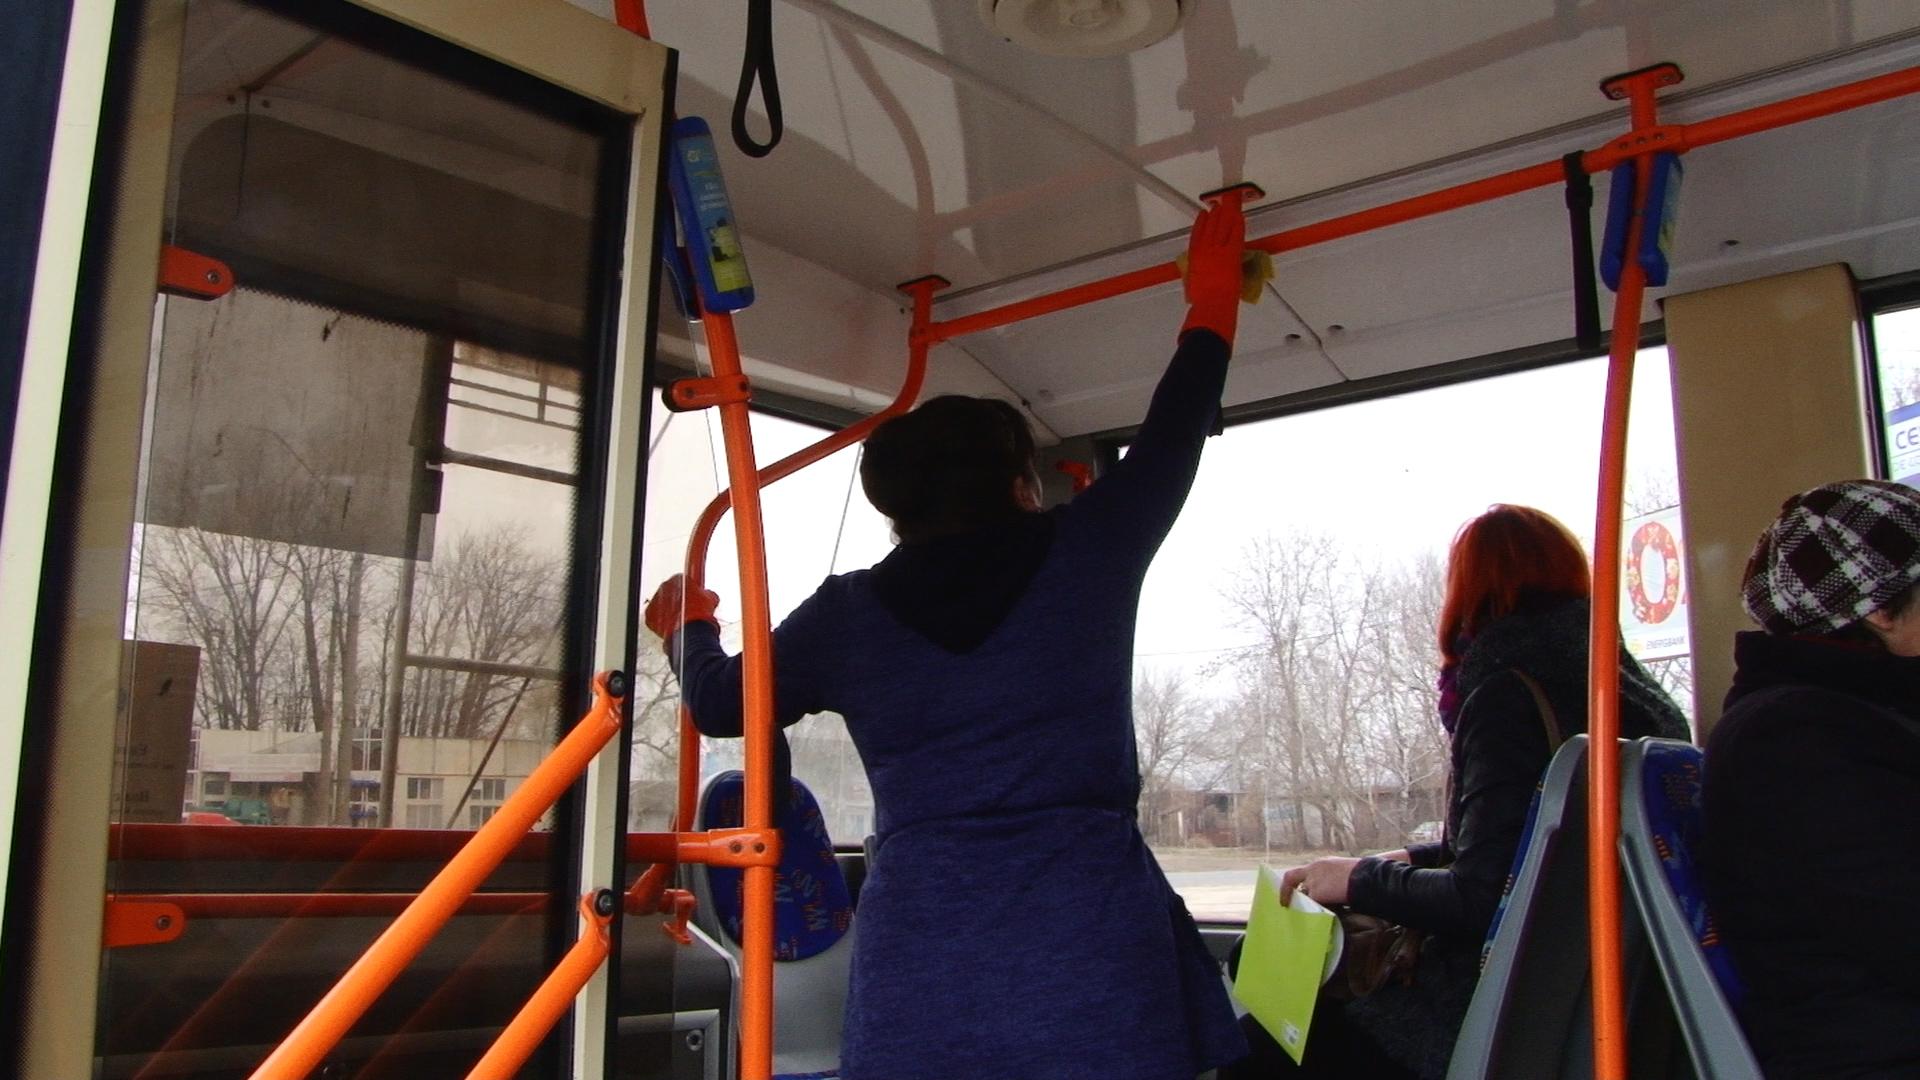 Au decis să ne ofere transport public gratuit după ce un taxator a fost testat pozitiv cu coronavirus